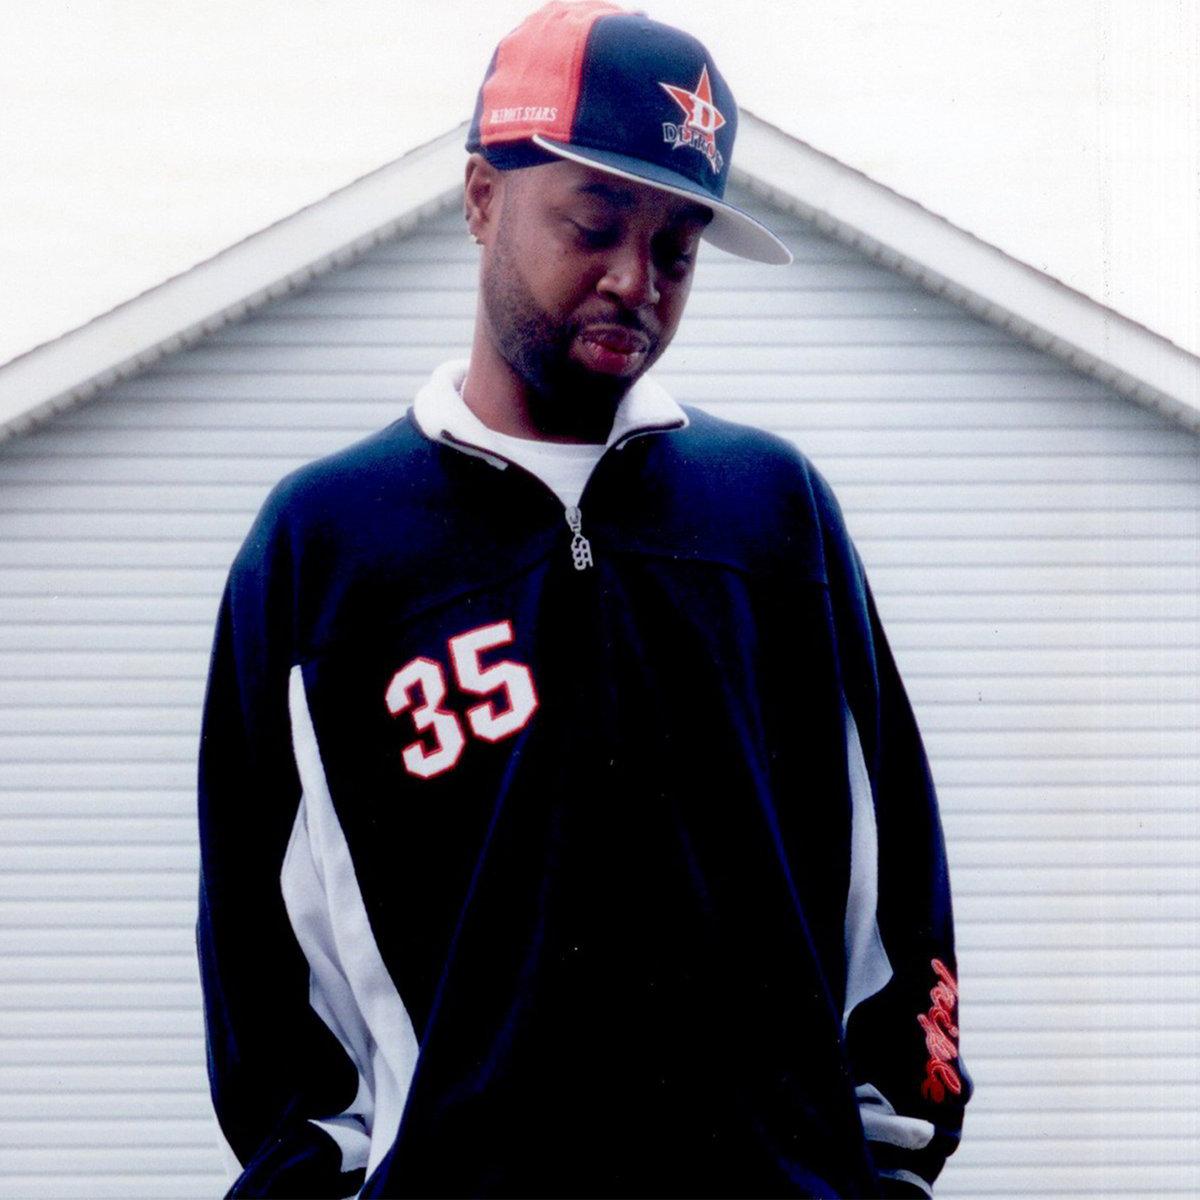 Jay Dee